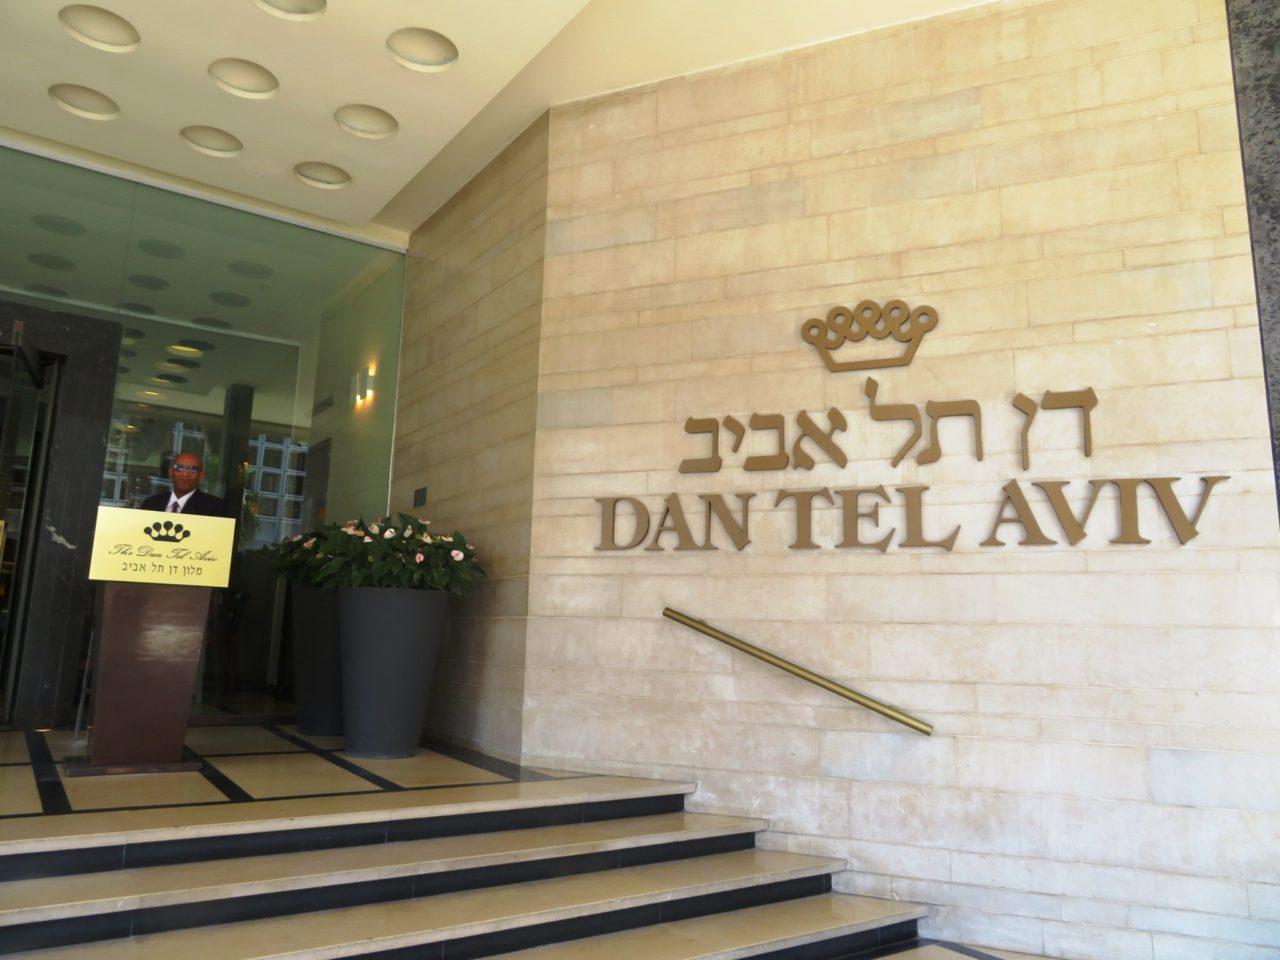 Vacationing in Israel ... The Dan Tel Aviv Hotel